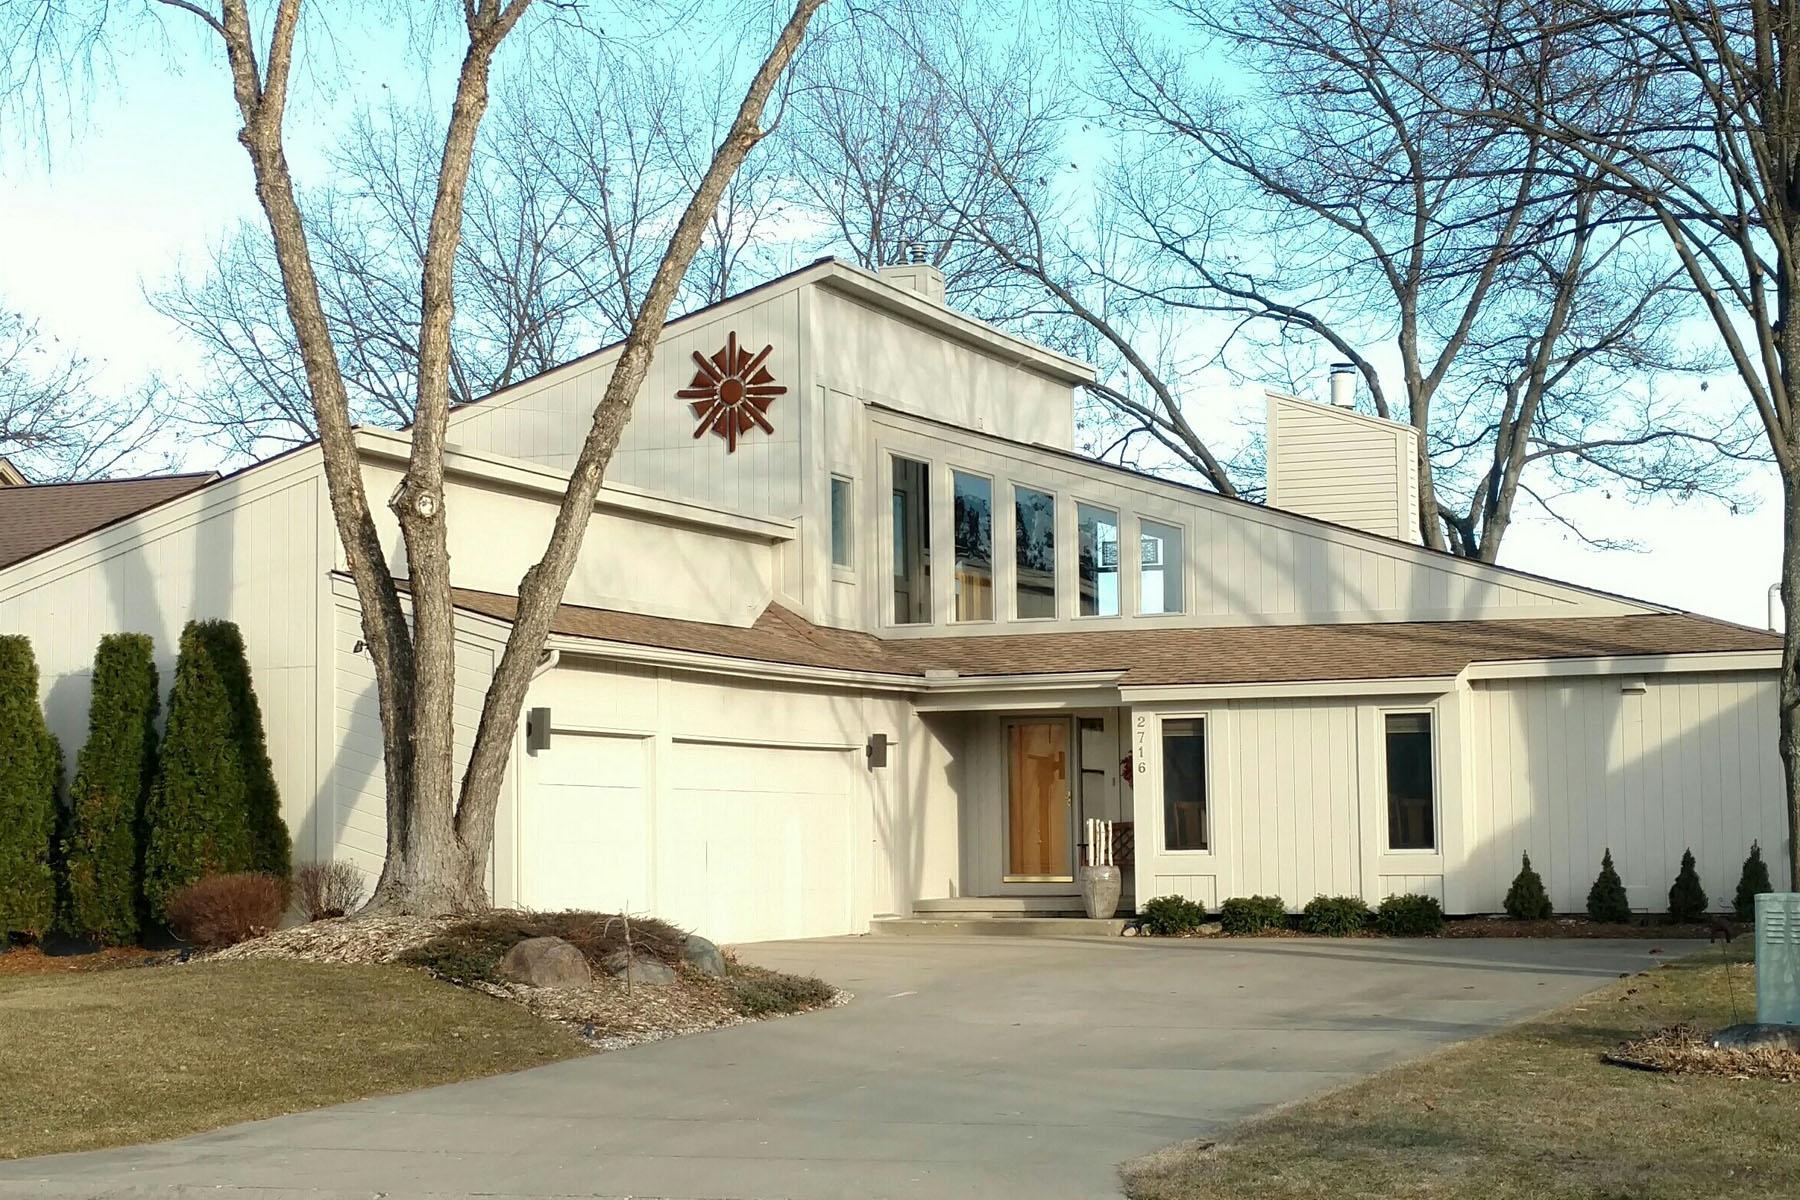 独户住宅 为 销售 在 Orion Township 2716 Browing 奥莱恩镇, 密歇根州, 48360 美国